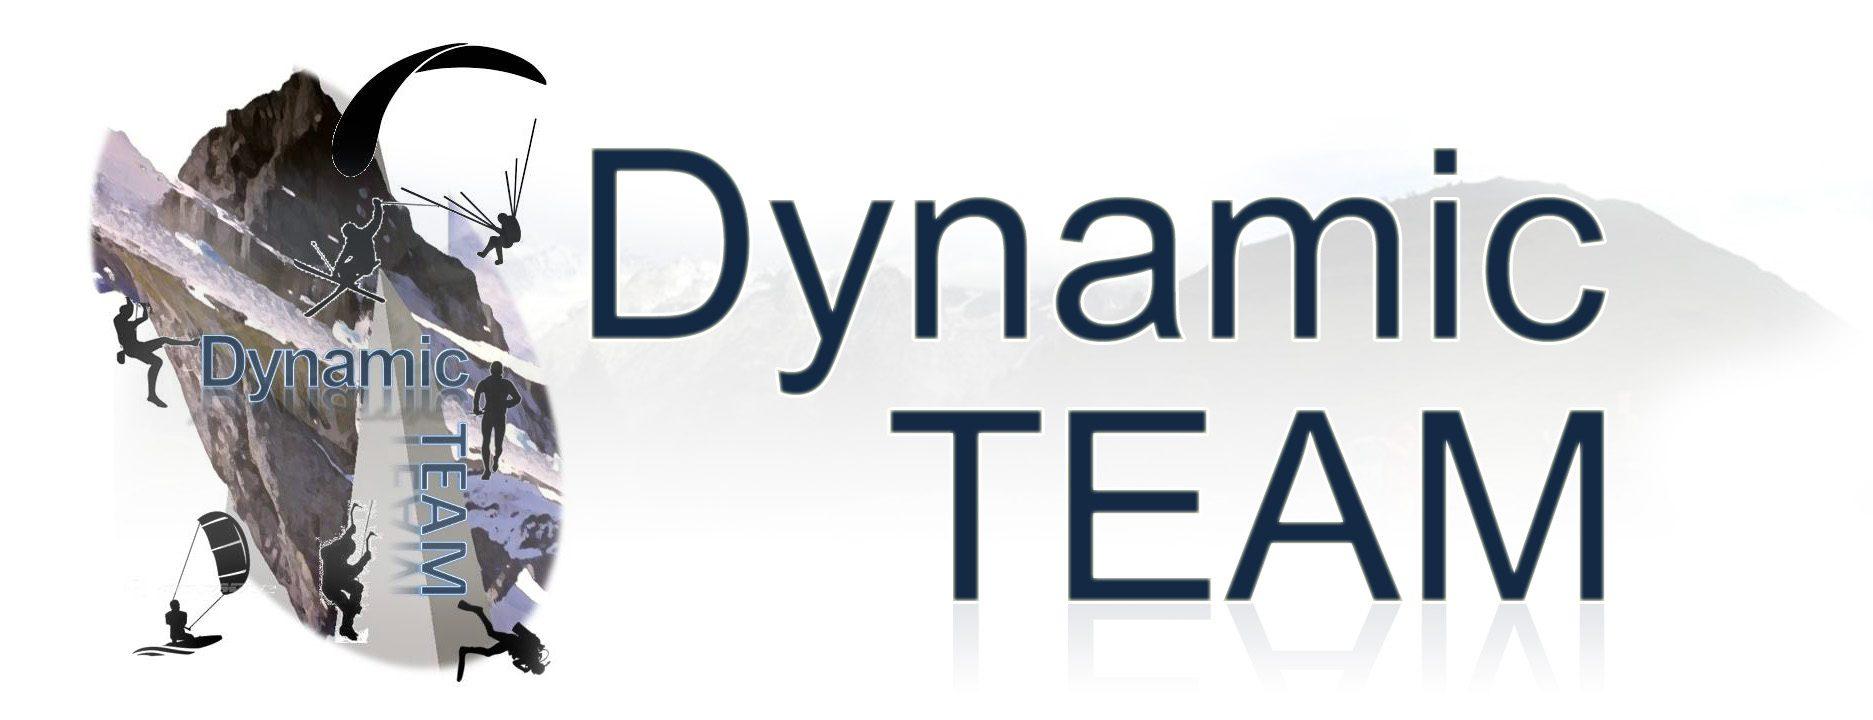 Dynamic Team